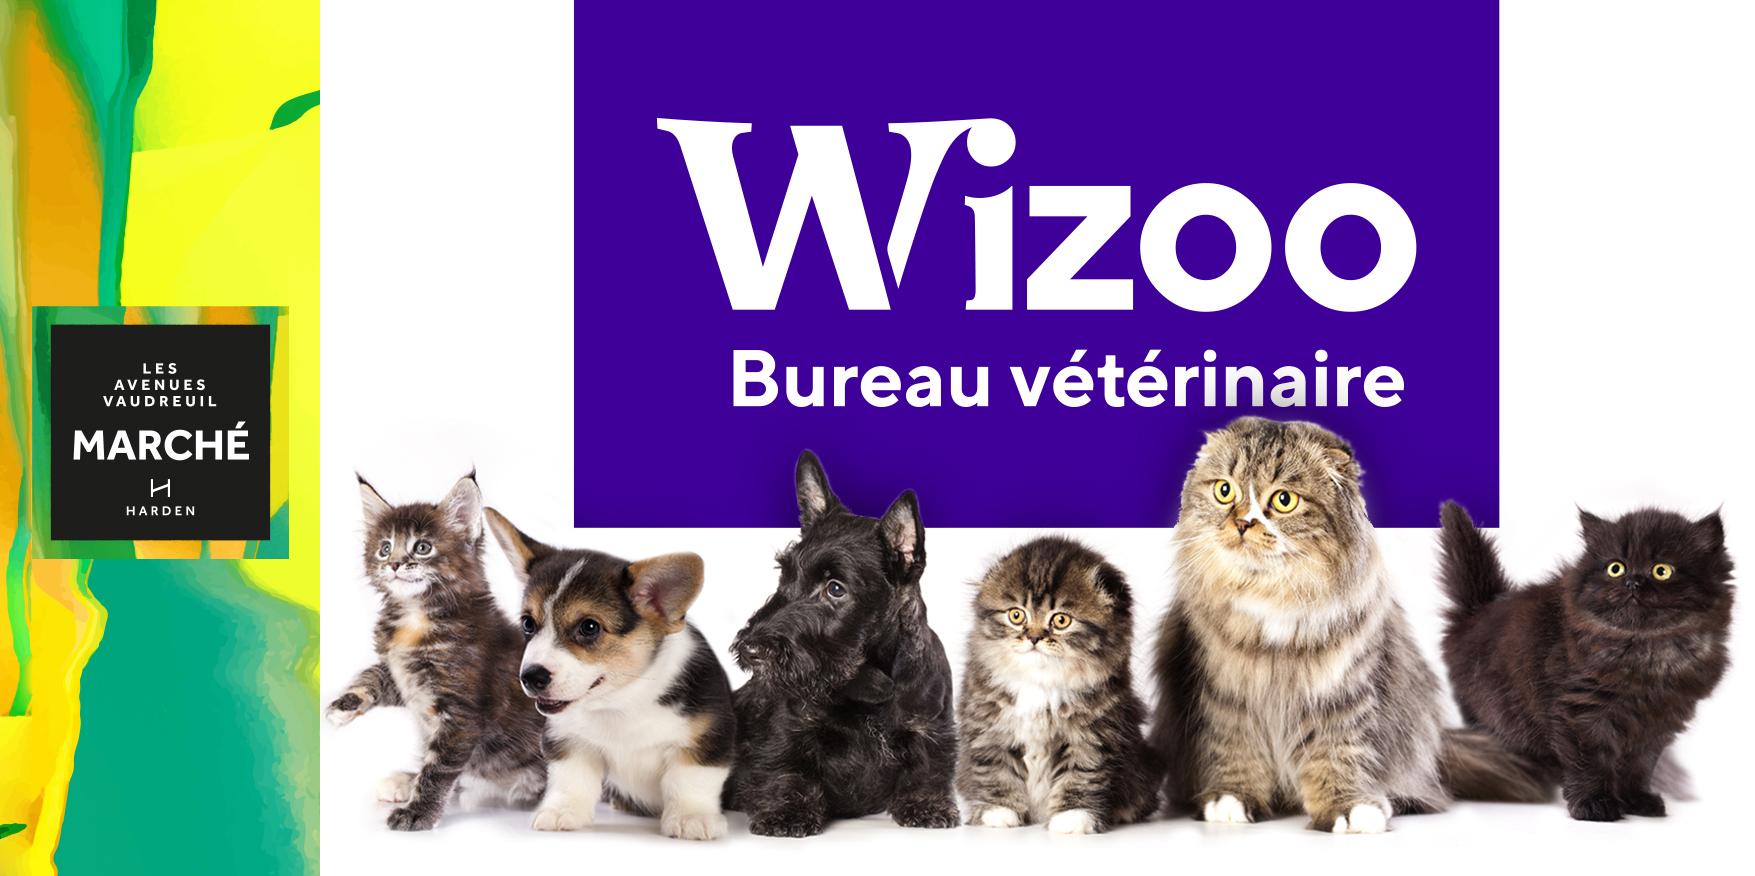 Groupe Vétérinaire Wizoo : Bientôt à l'Avenue Marché